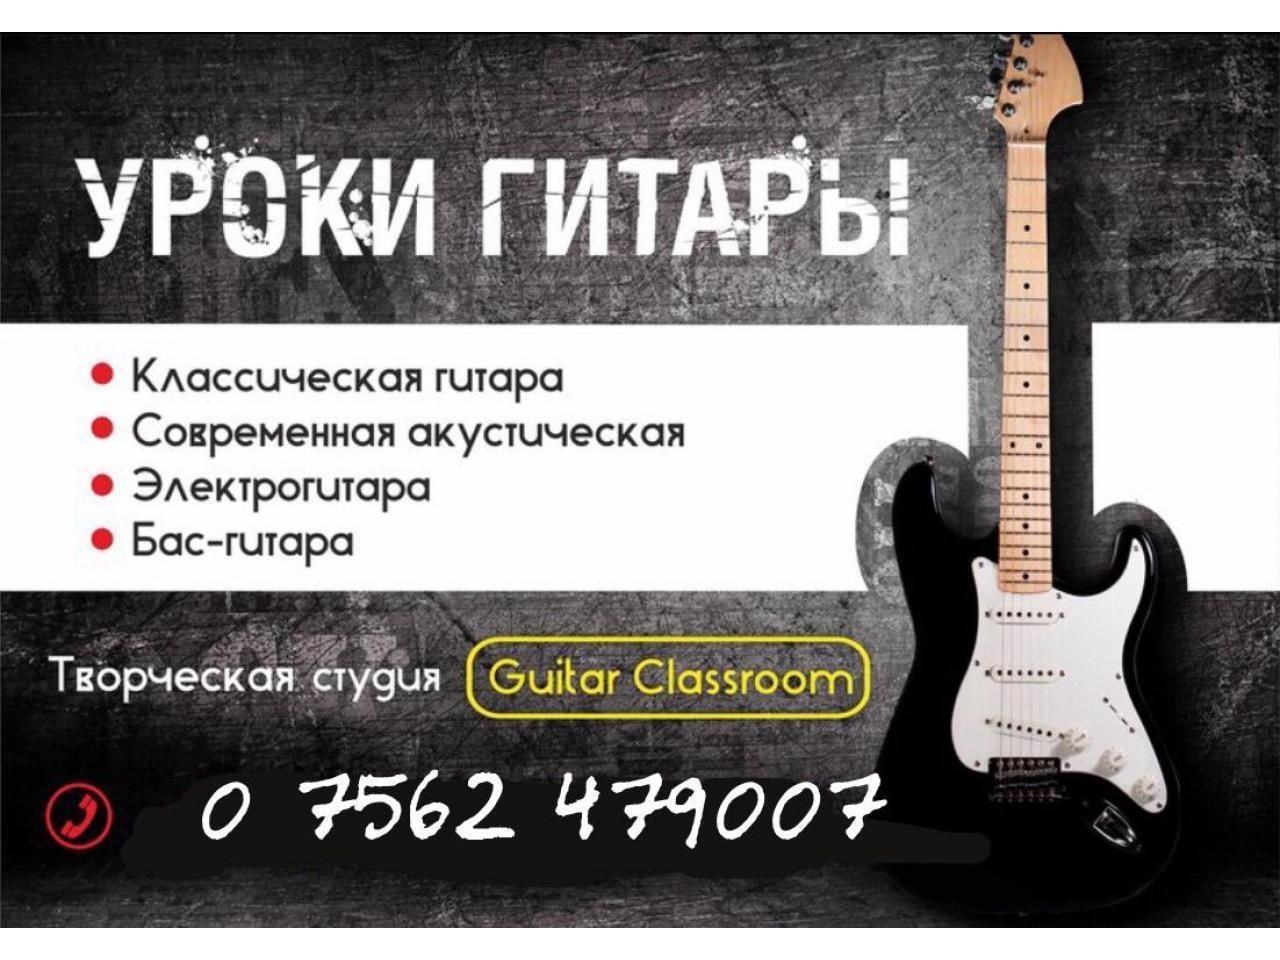 Уроки игры на гитаре - 5